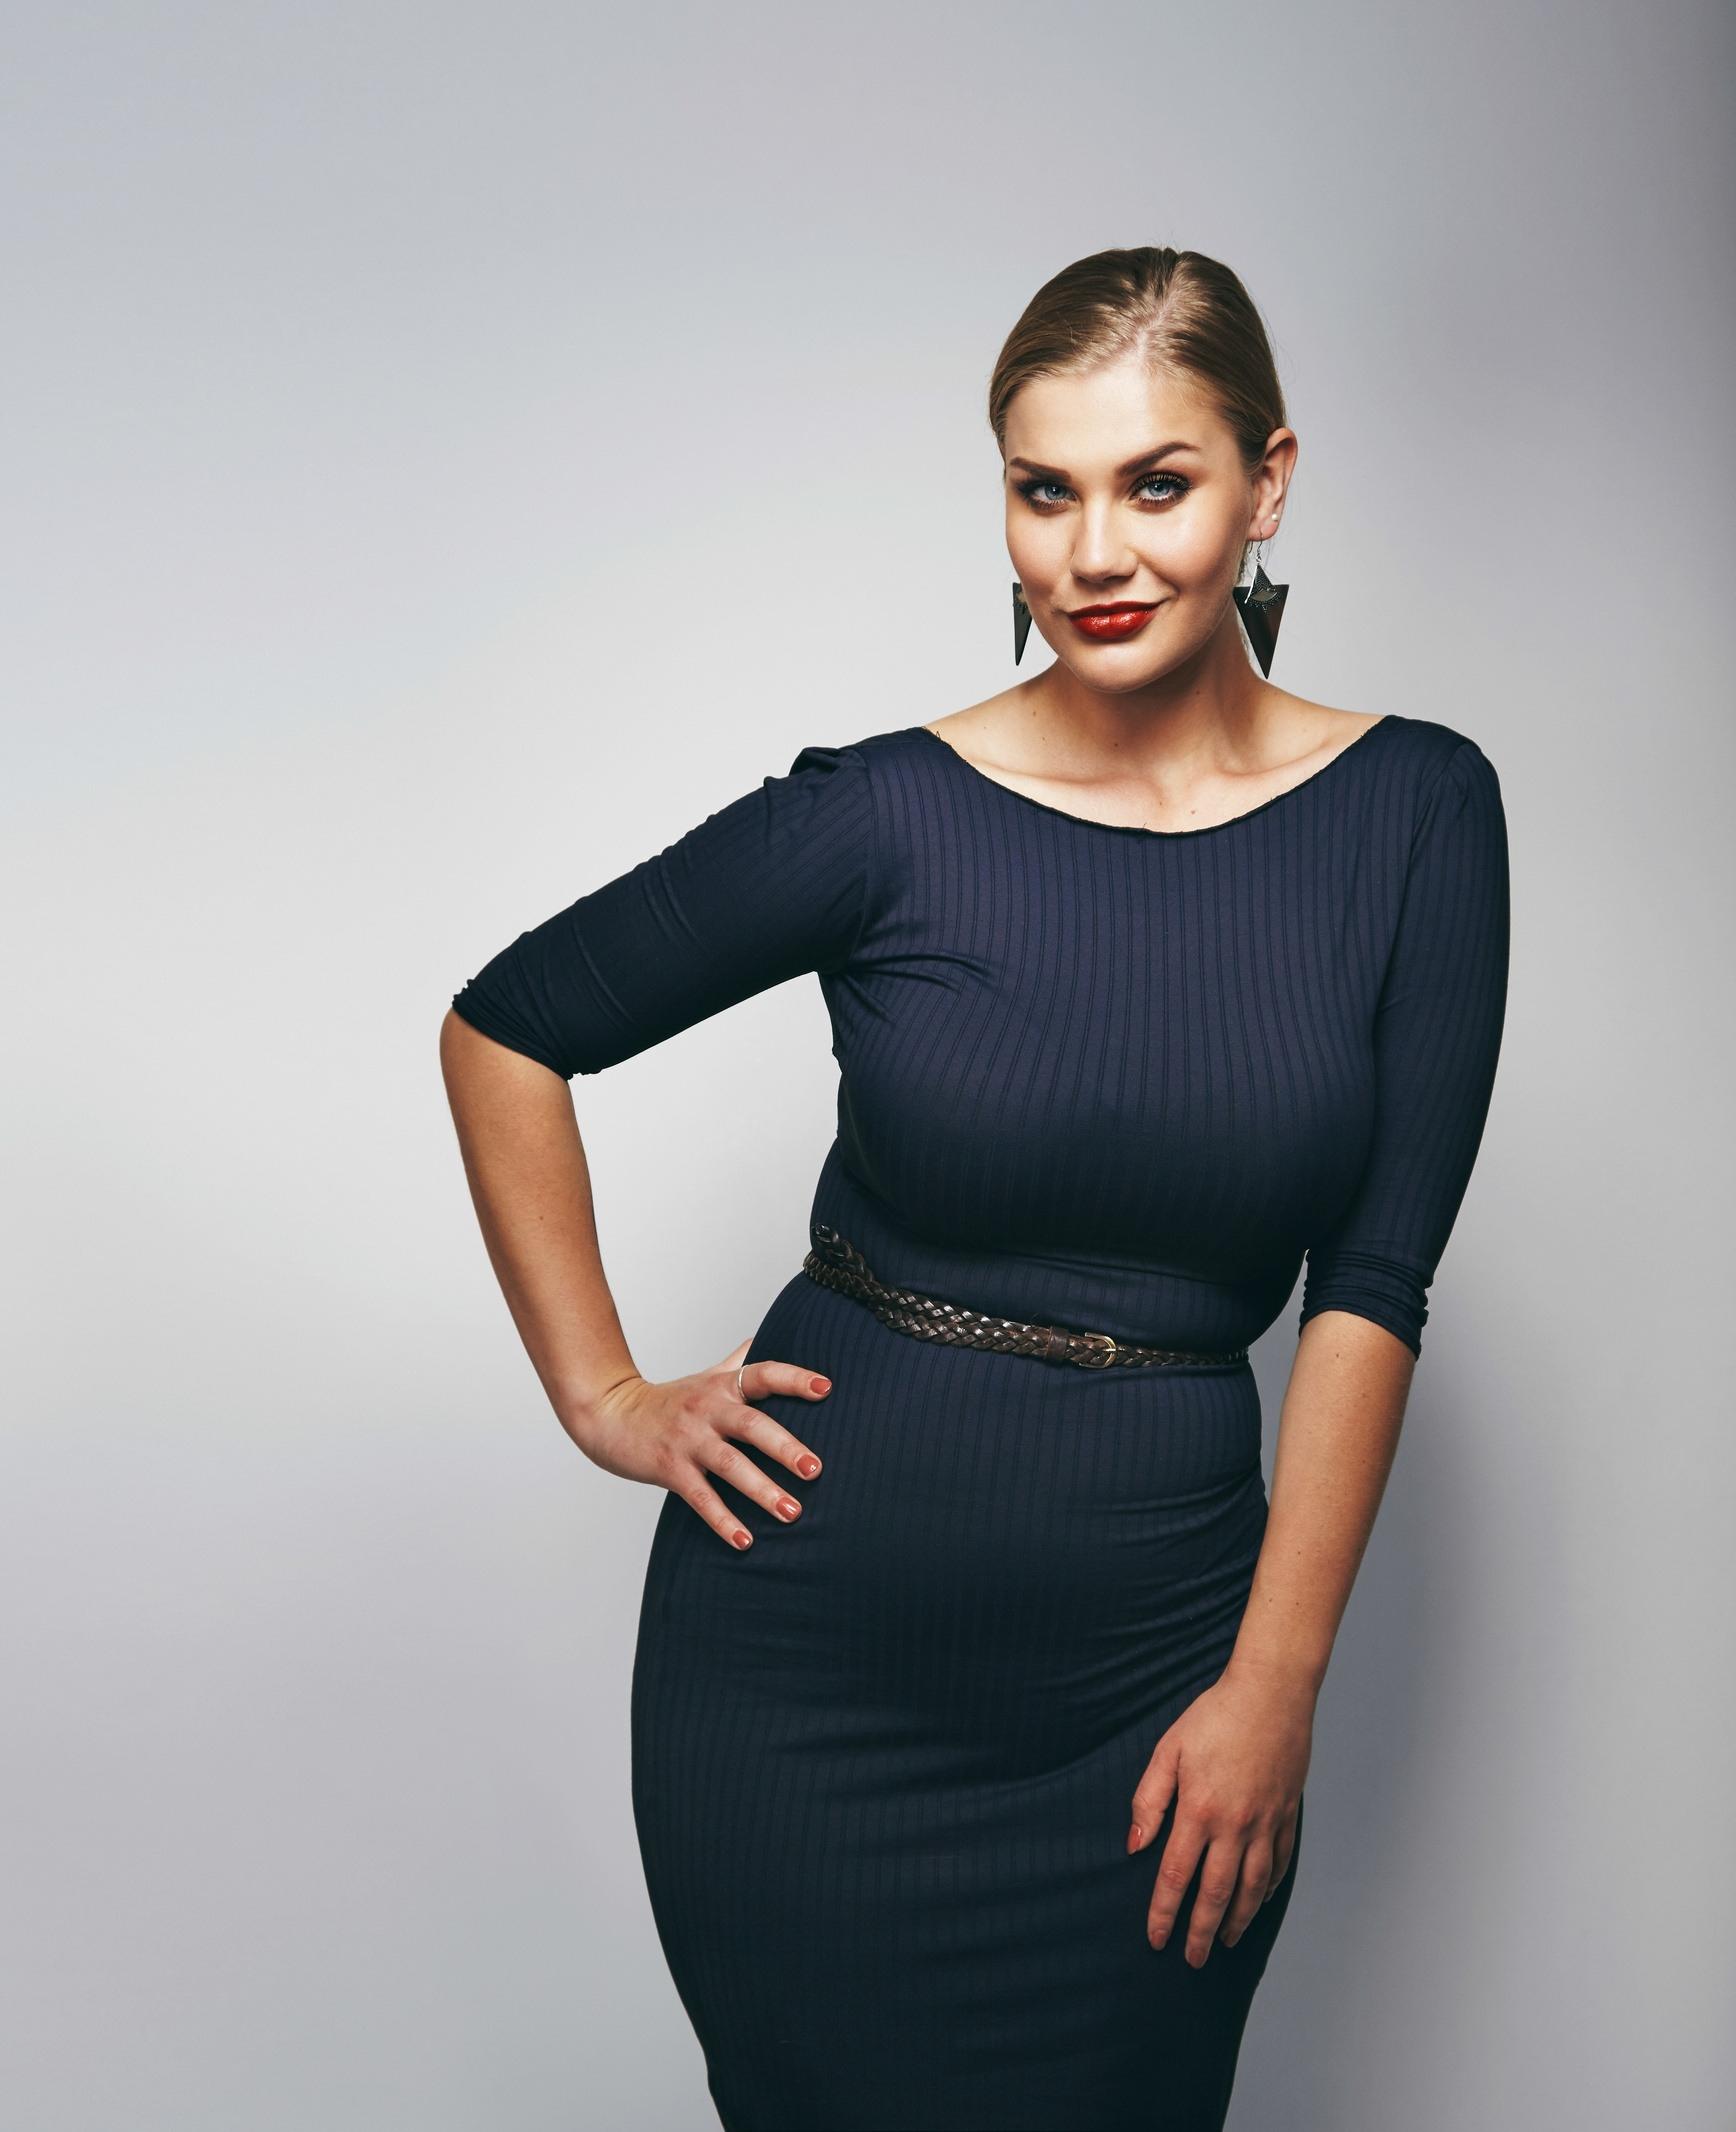 Designer Spektakulär Elegante Kleider Für Die Frau Ab 50 Vertrieb15 Einzigartig Elegante Kleider Für Die Frau Ab 50 Vertrieb